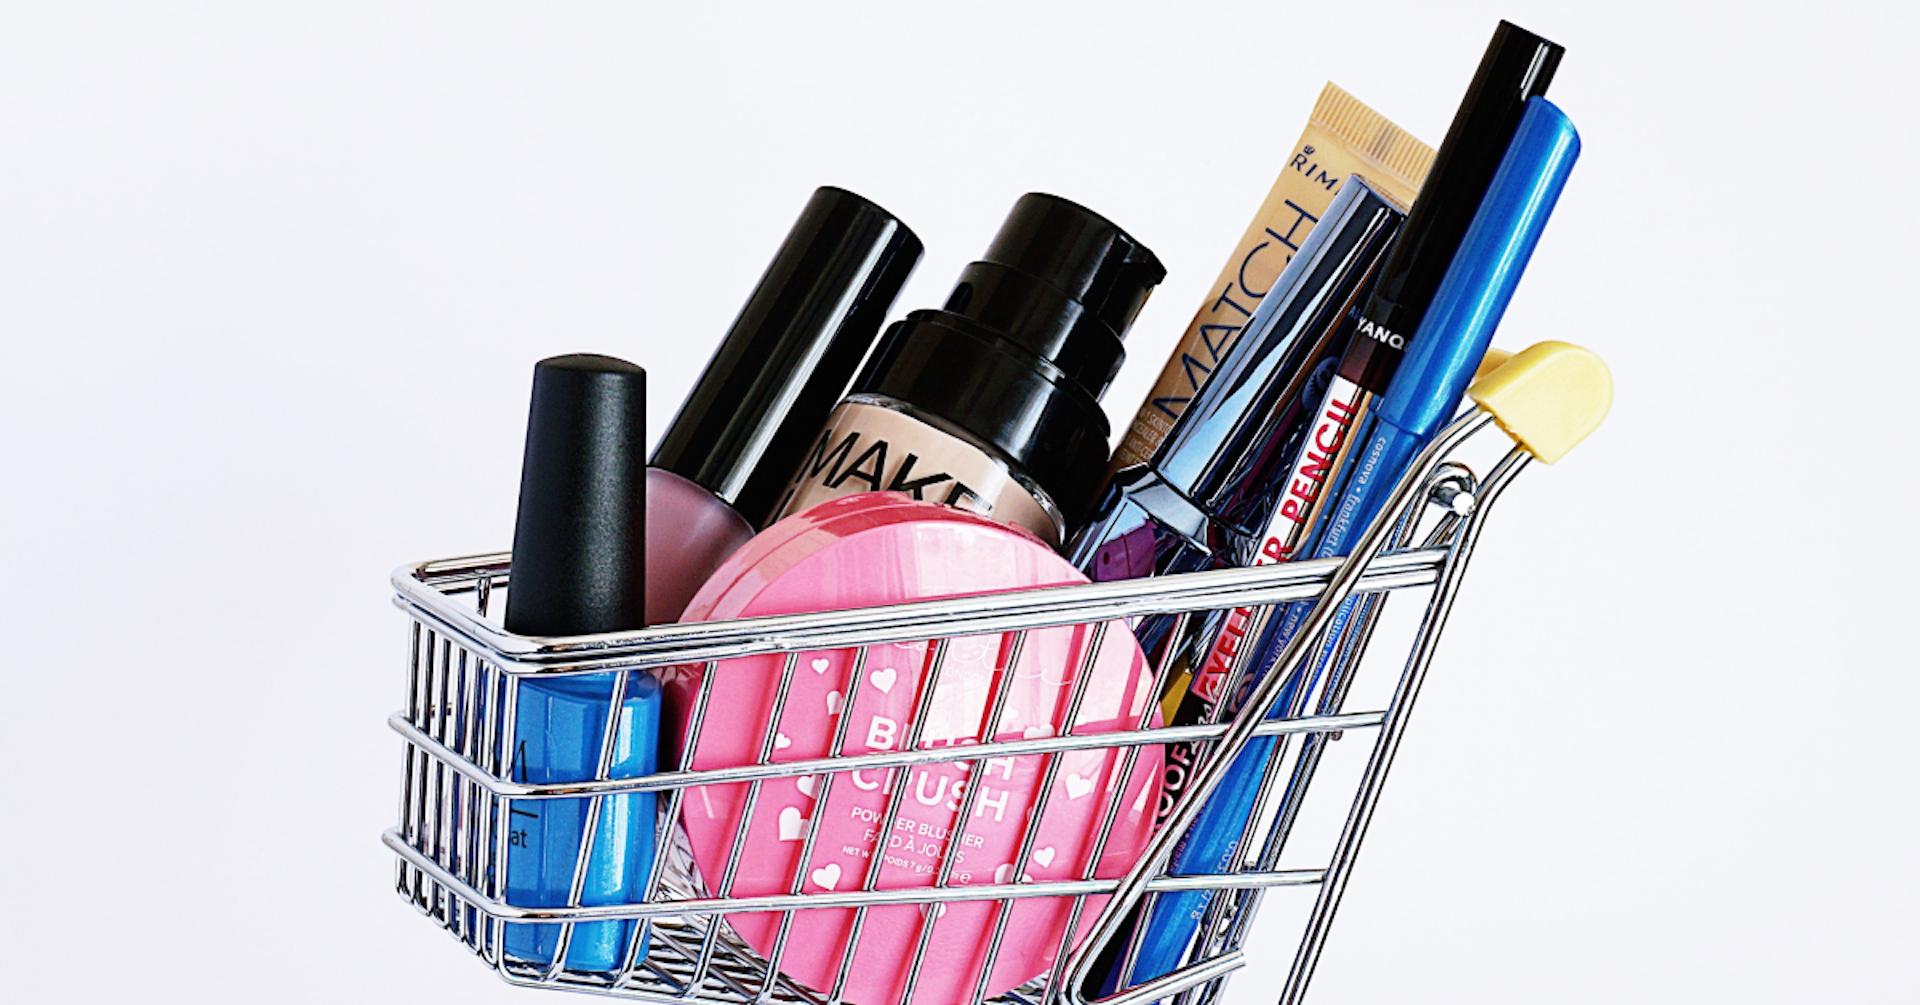 Ejemplos de merchandising geniales que no se te ocurrieron antes